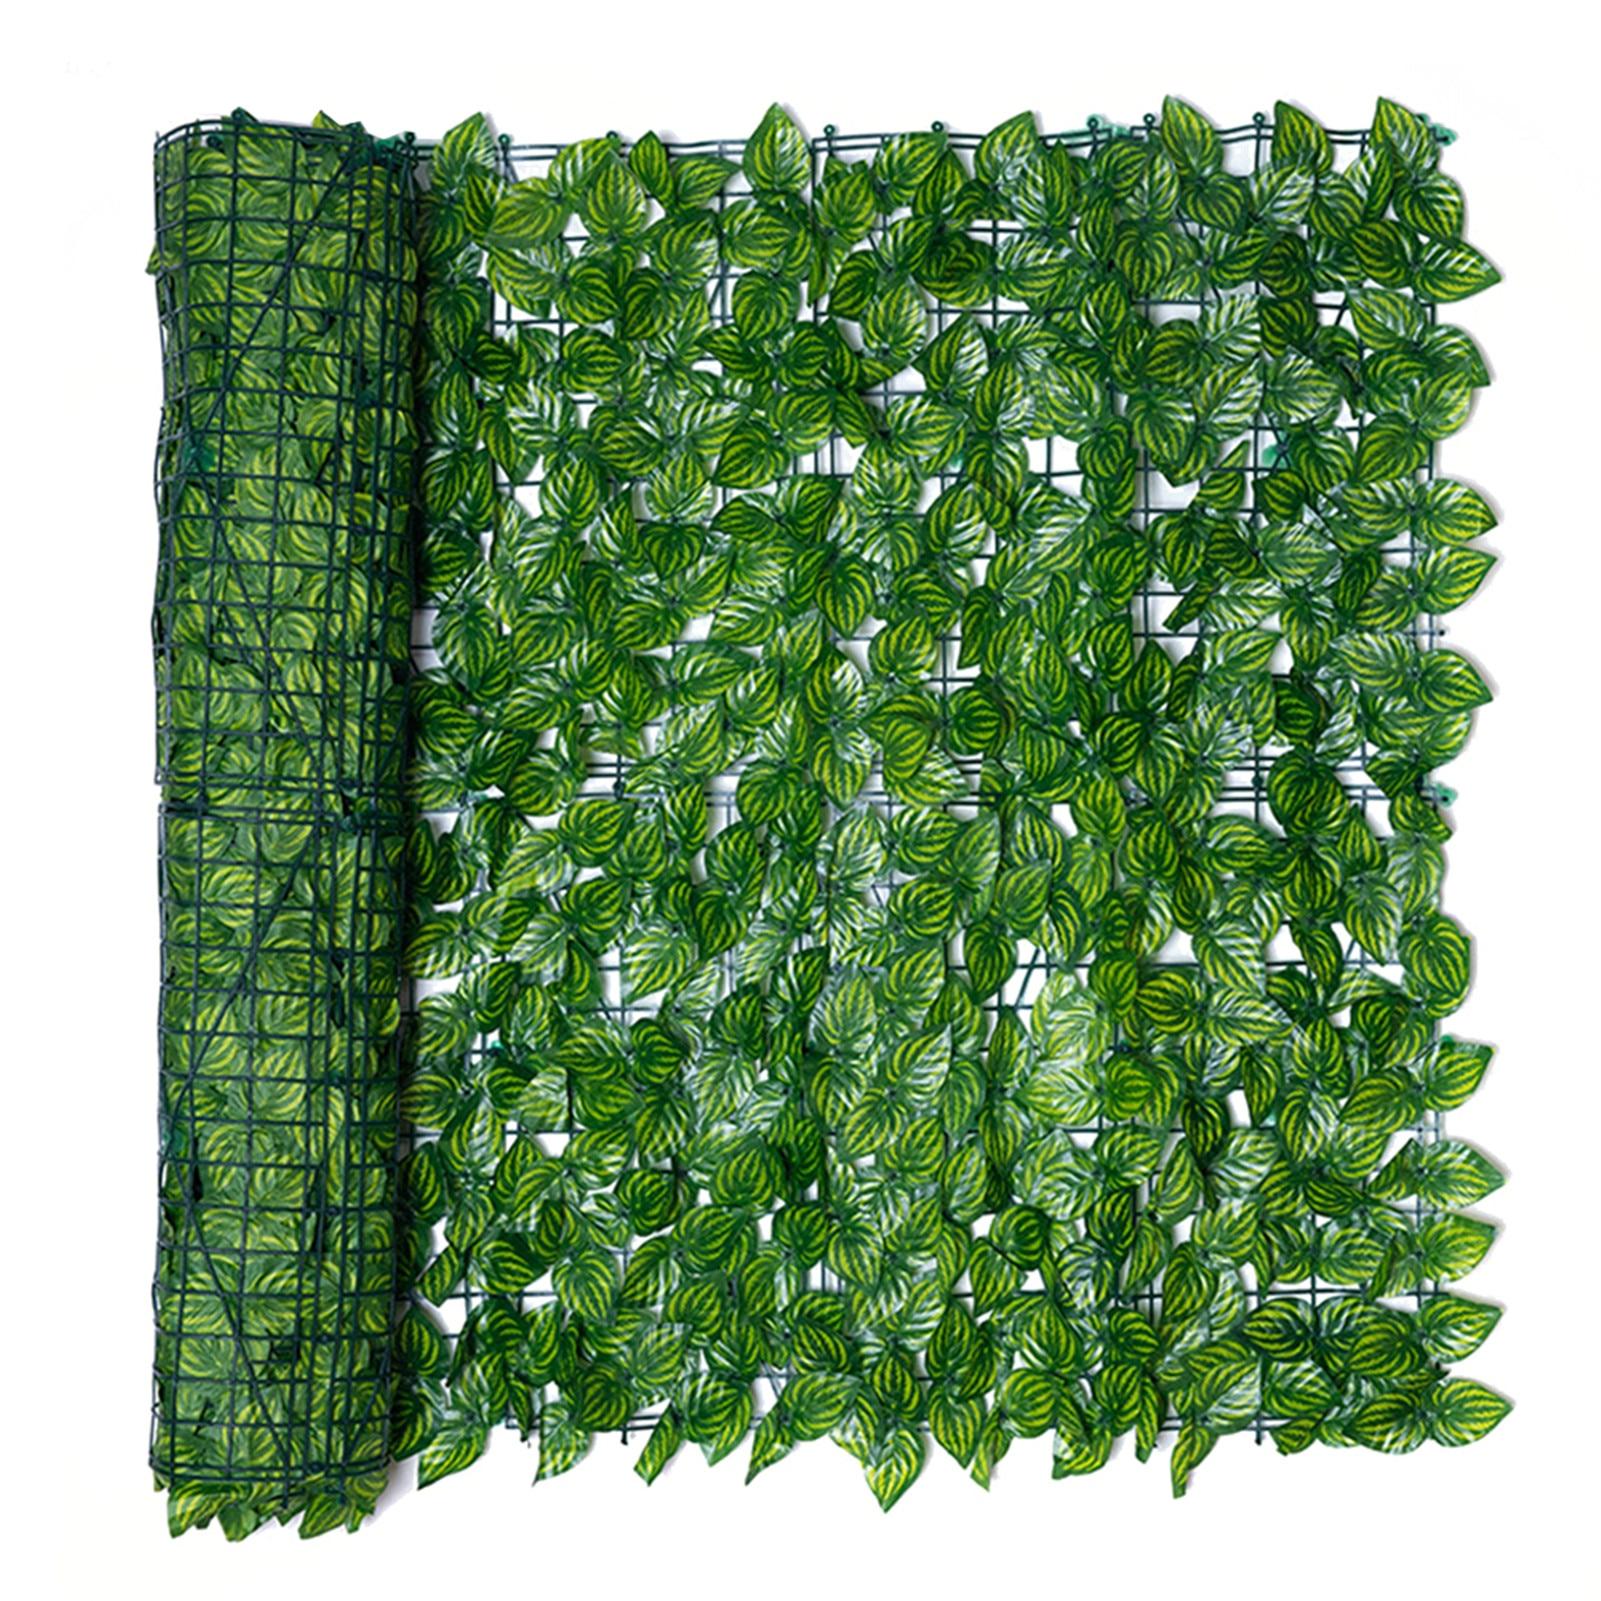 1m x 3m Искусственный лист ограда из растений ландшафтный дизайн забор для дома и сада на заднем дворе балкон с УФ-защитой конфиденциальности ...